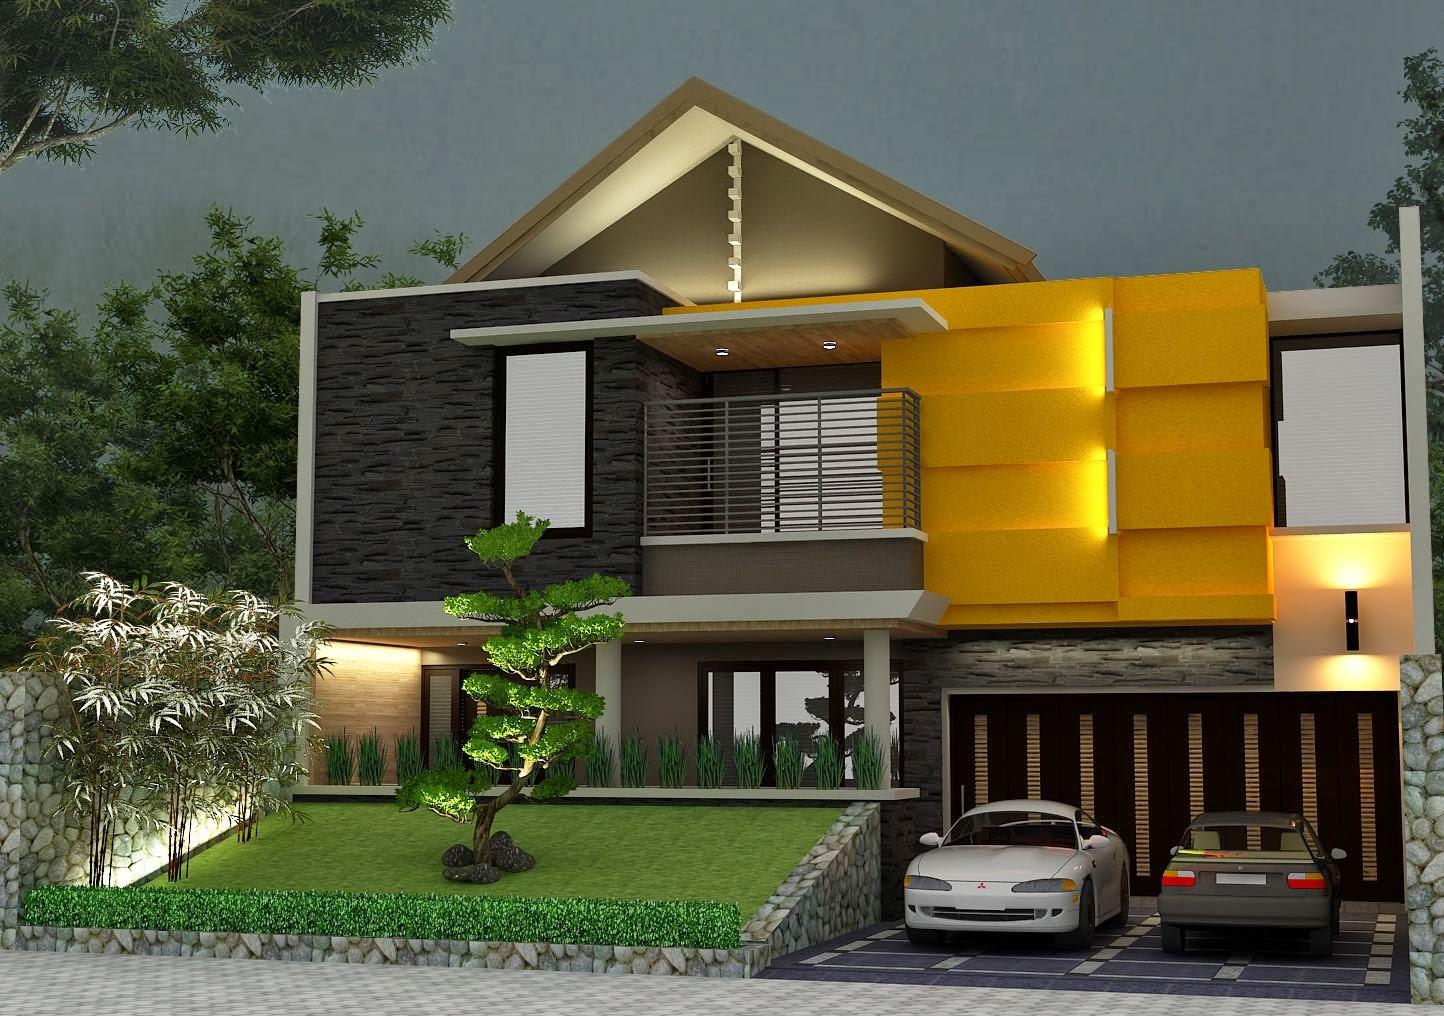 desain-tropis-minimalis-modern01